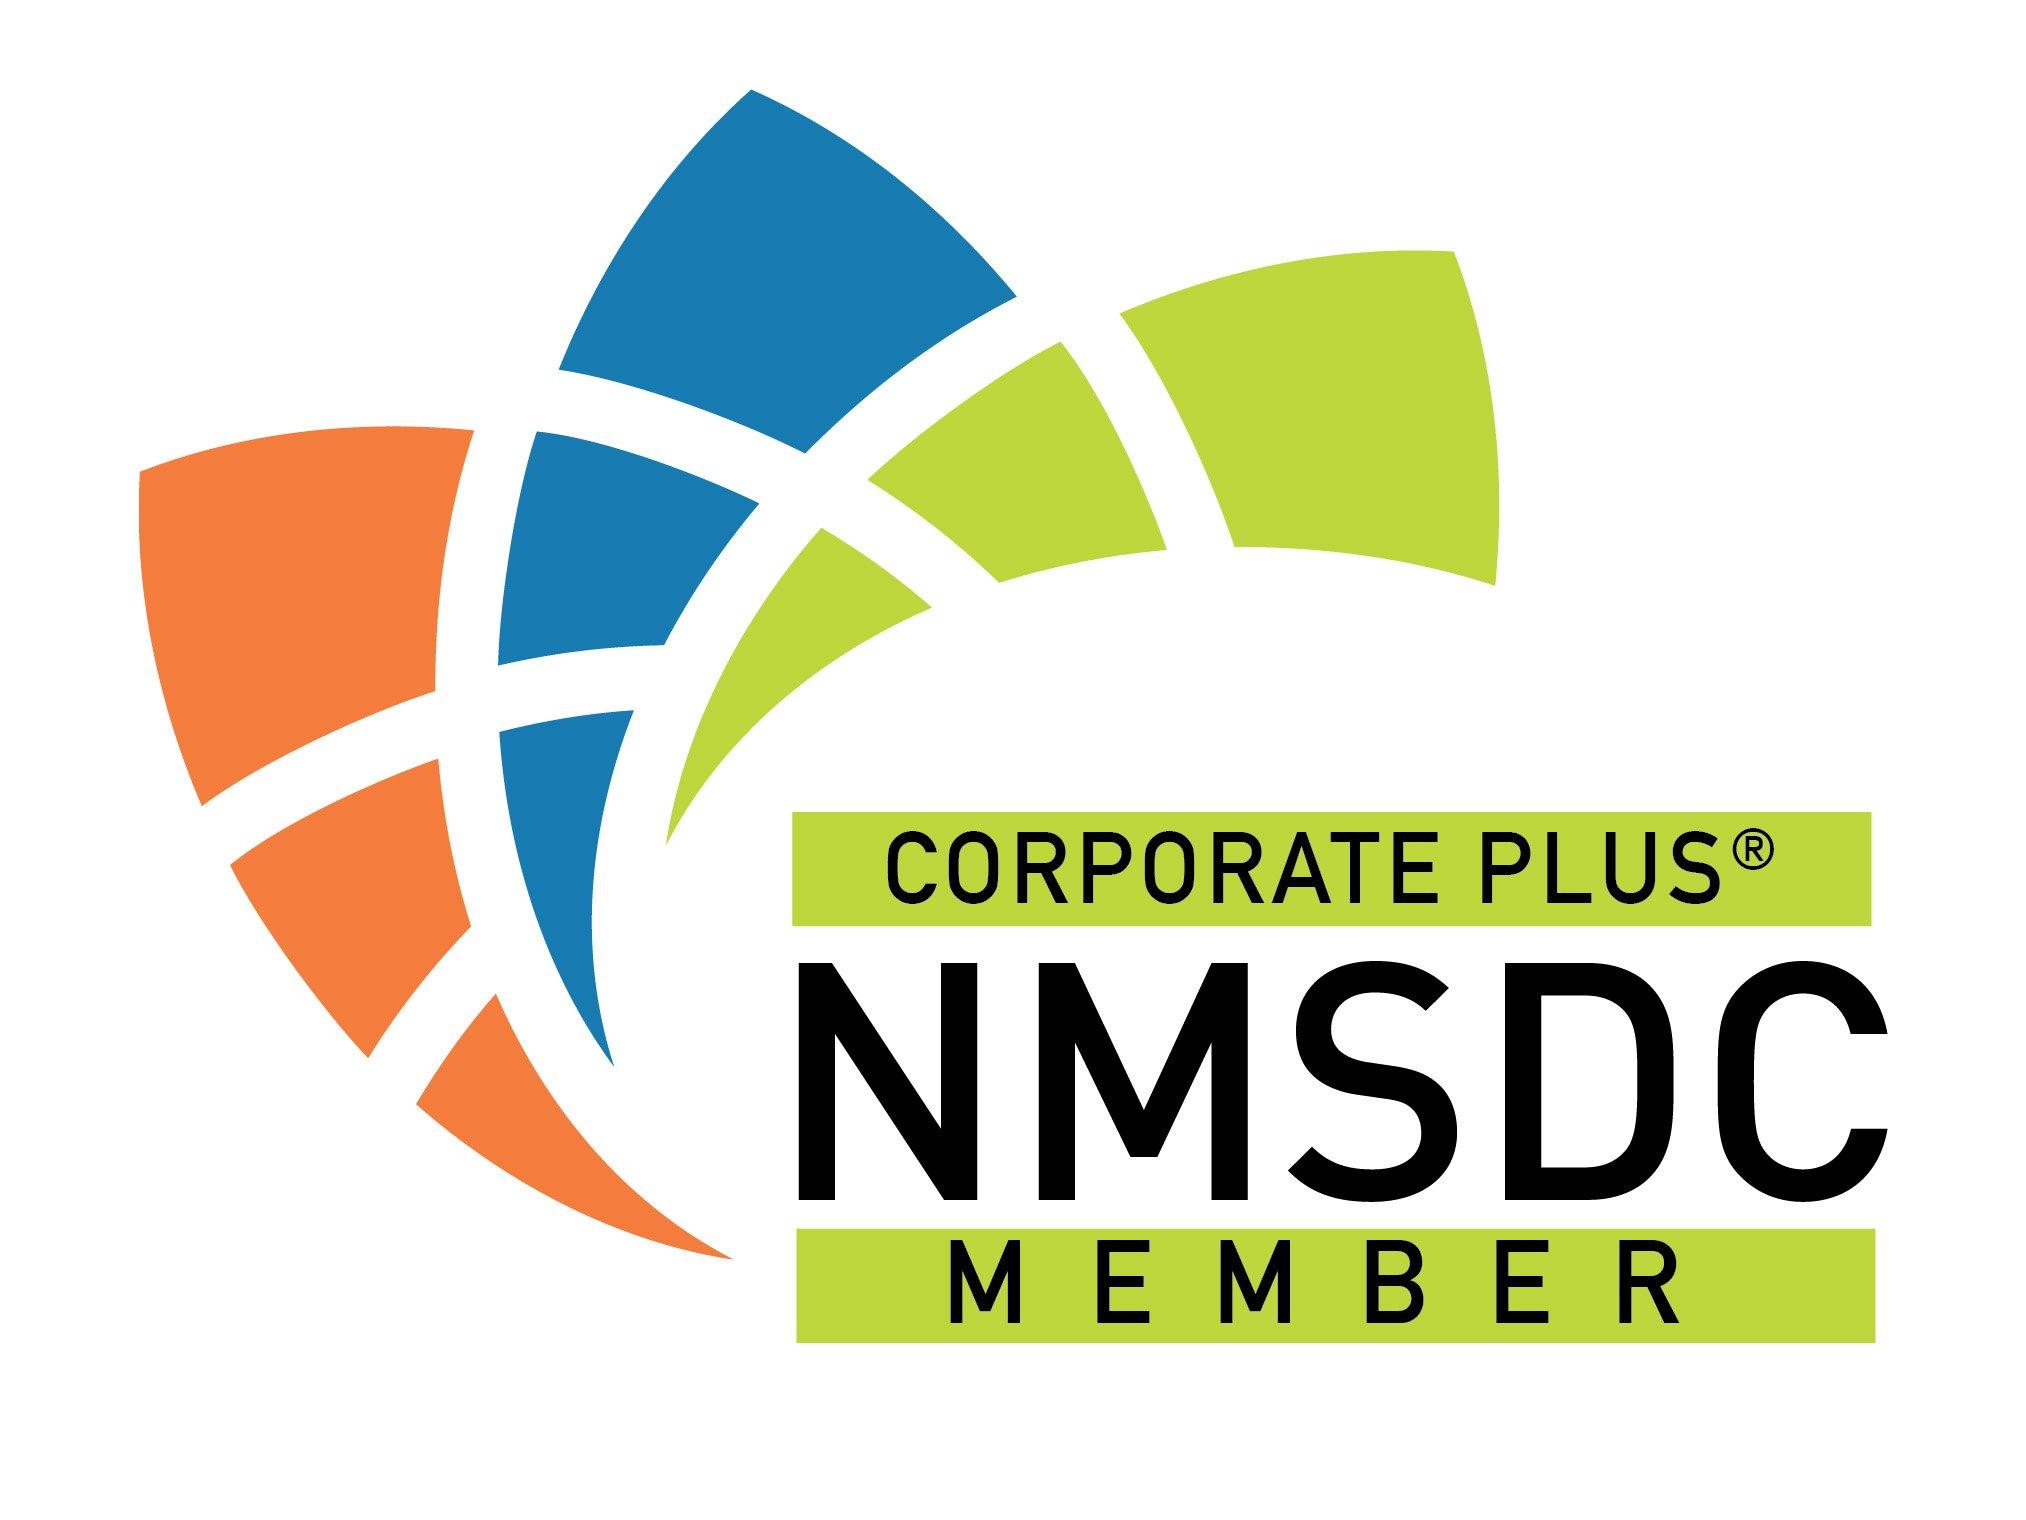 NMSDC-Logo-CorporatePlus®